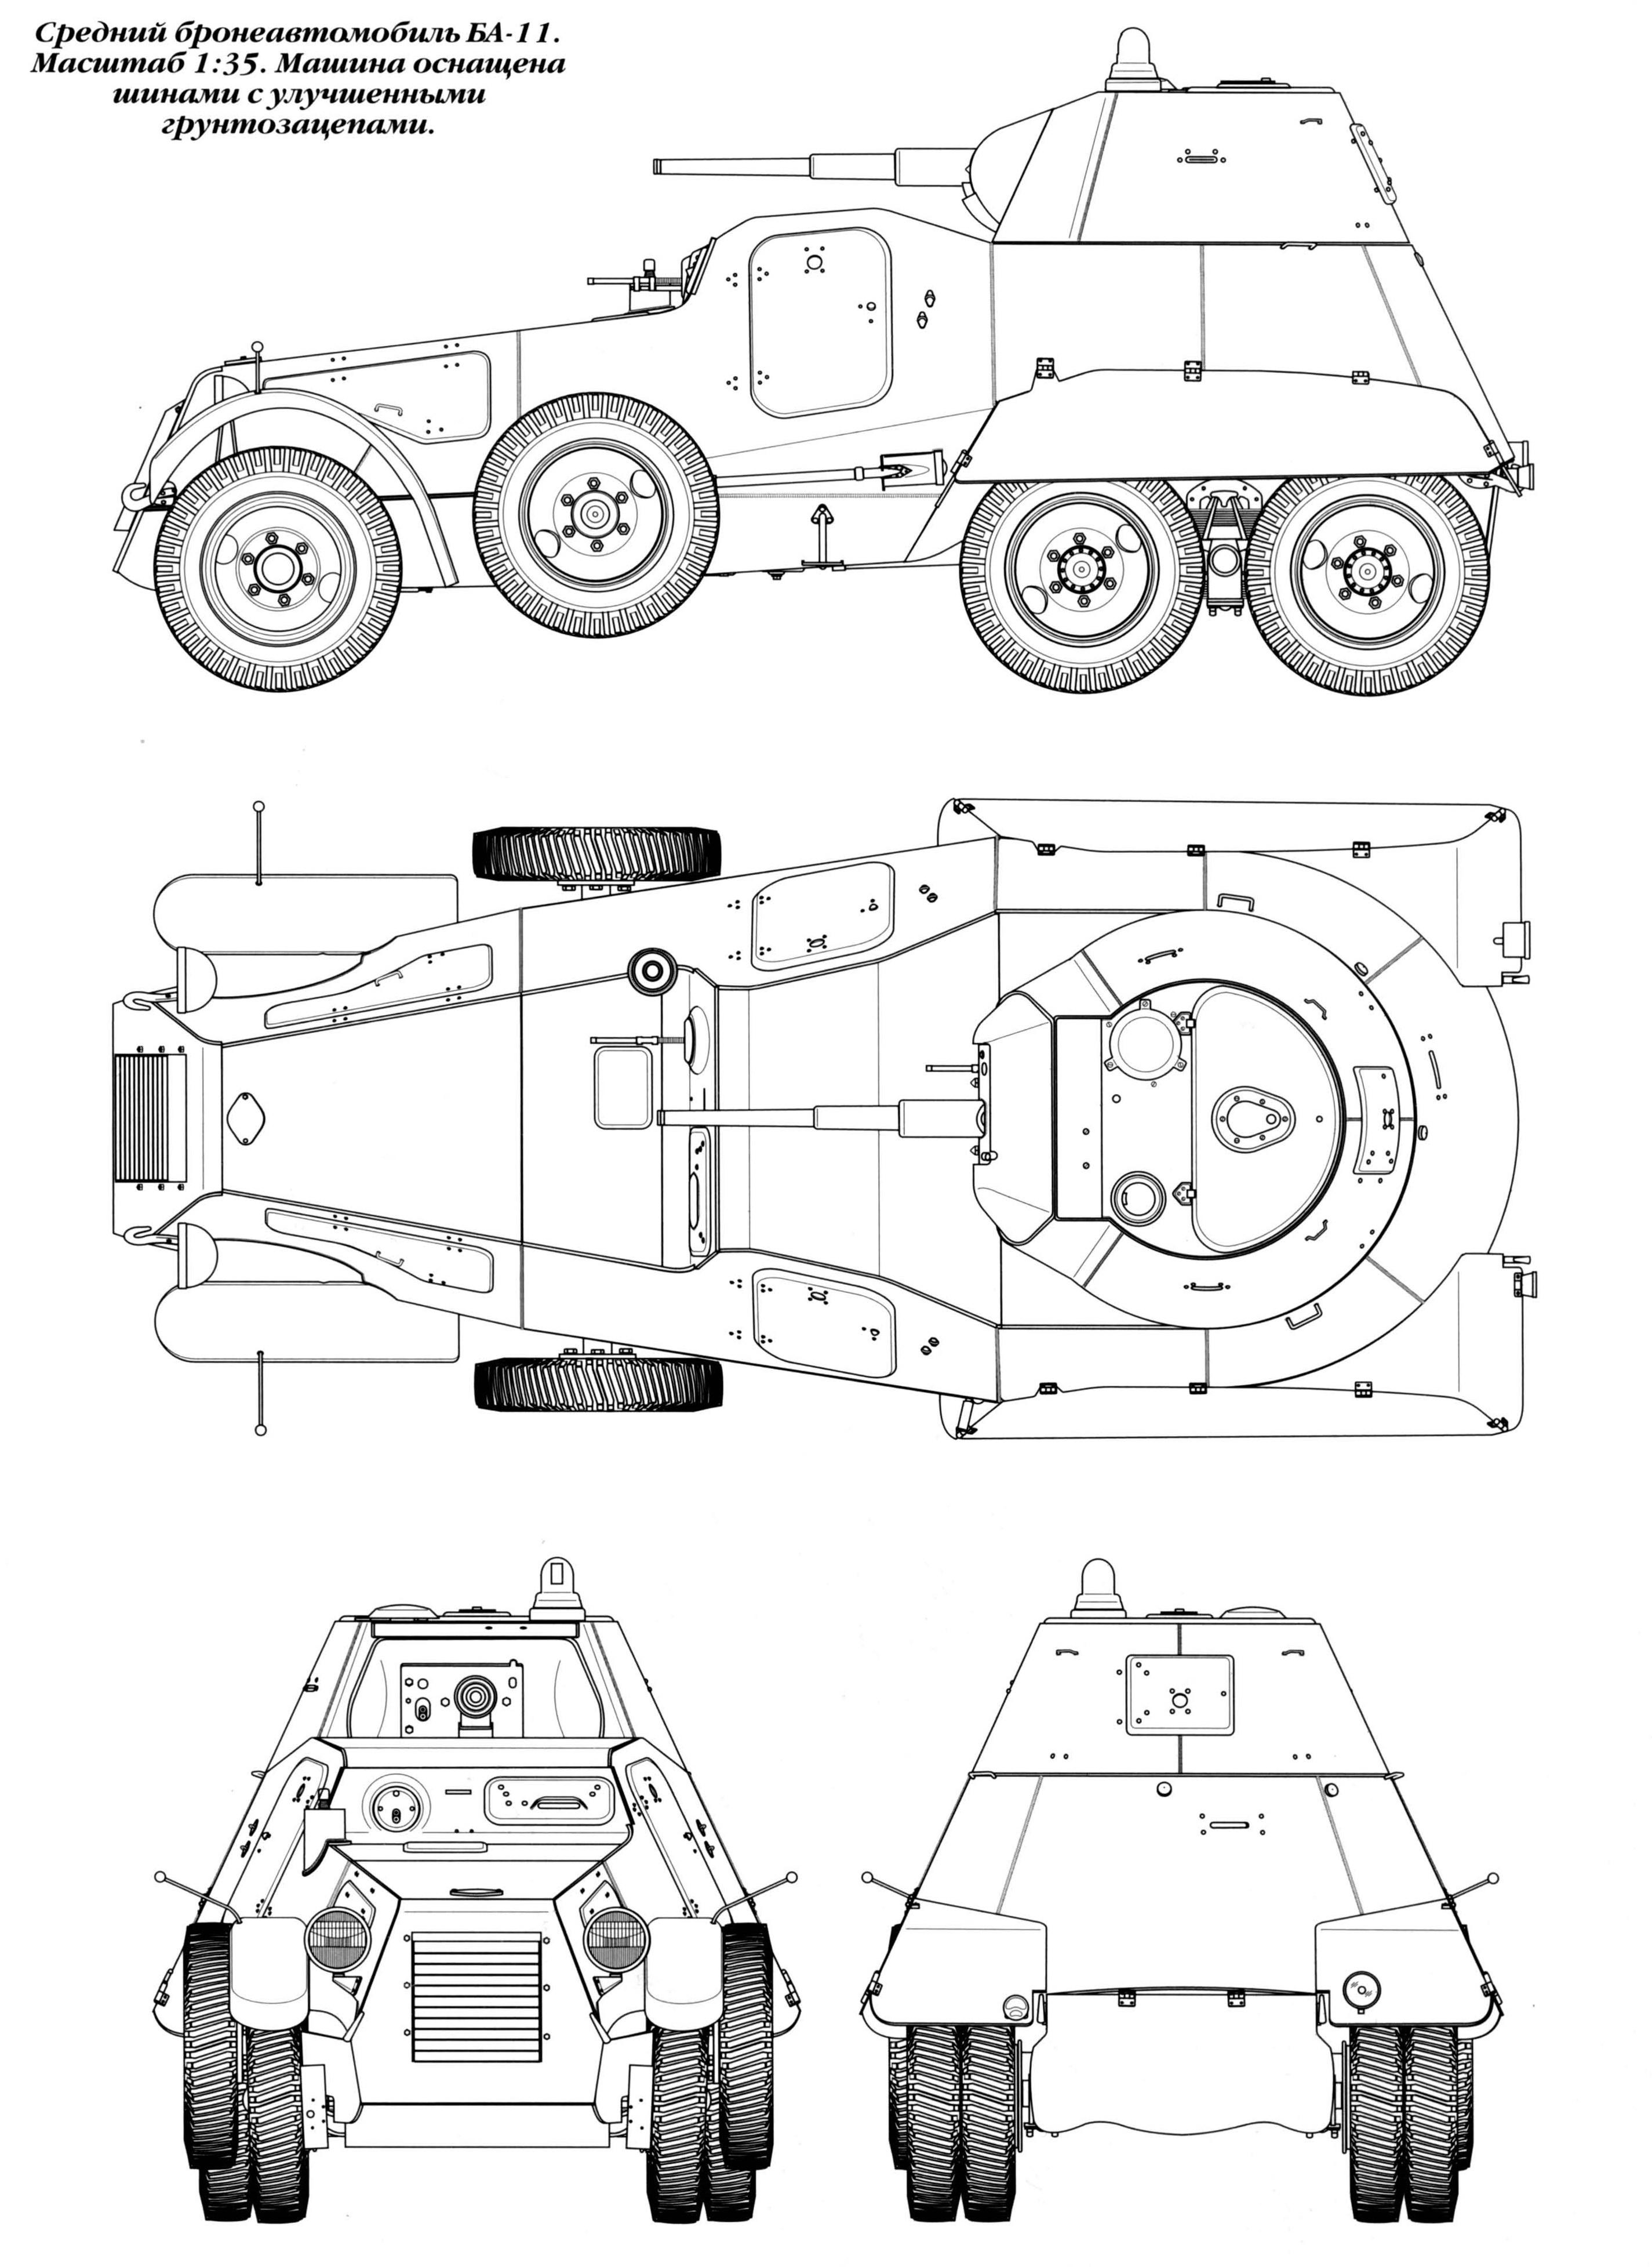 Ba 11 Armored Car